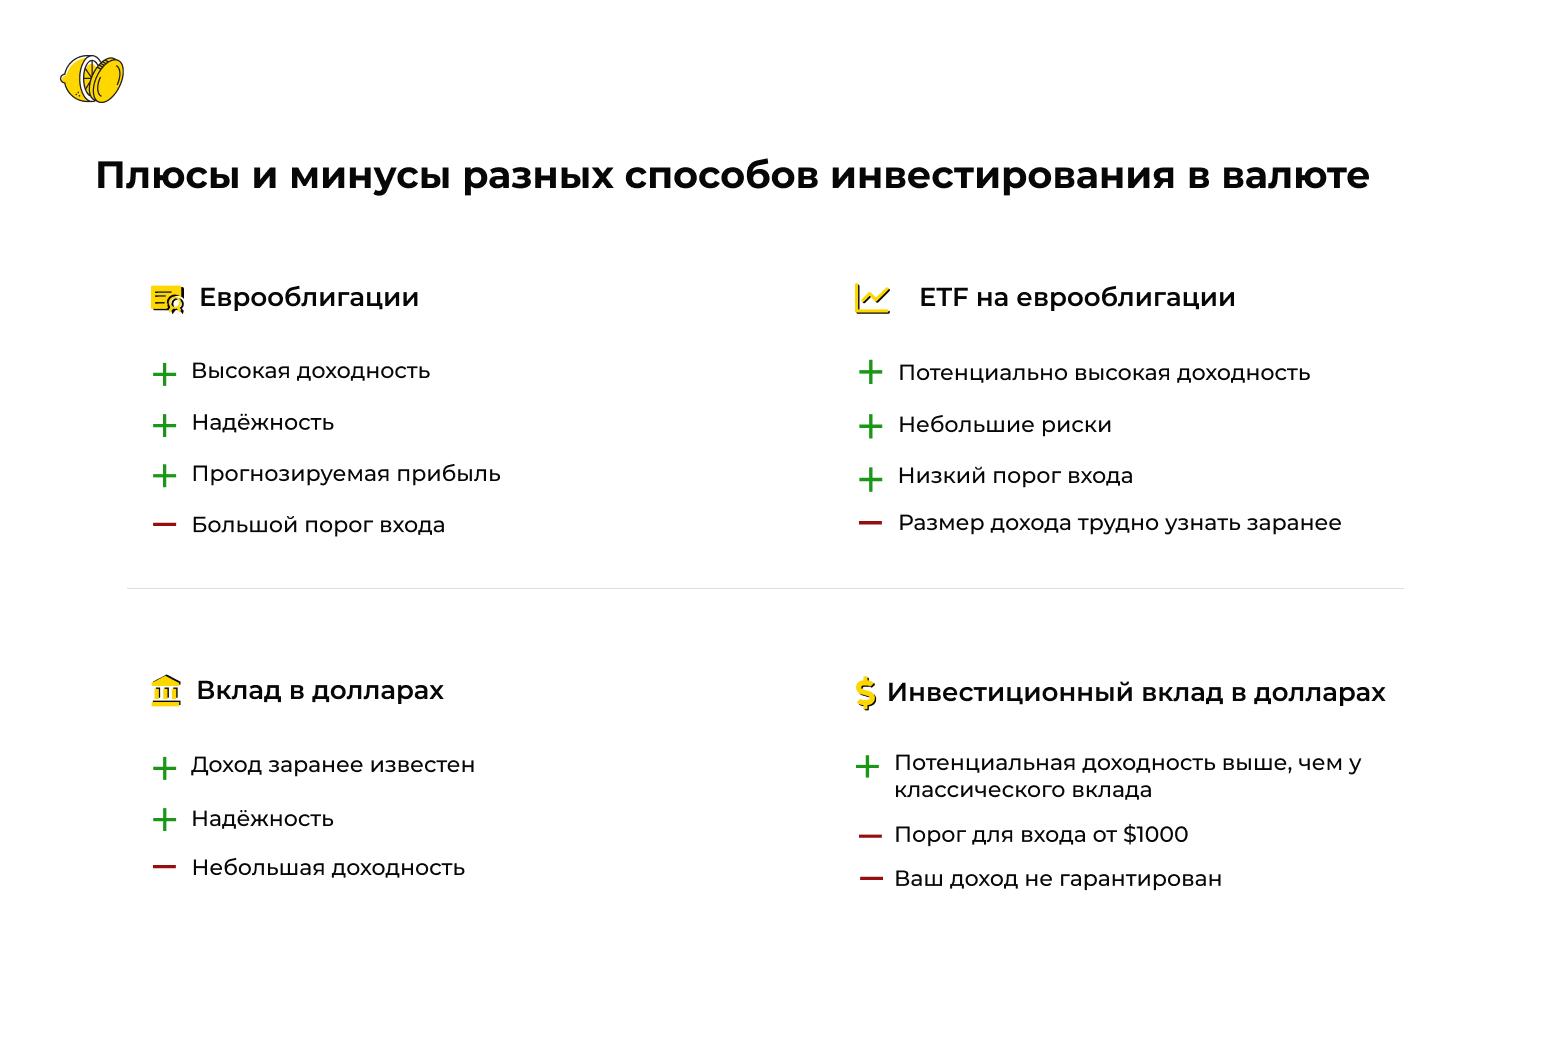 3 варианта, как сохранить свои сбережения от падения рубля